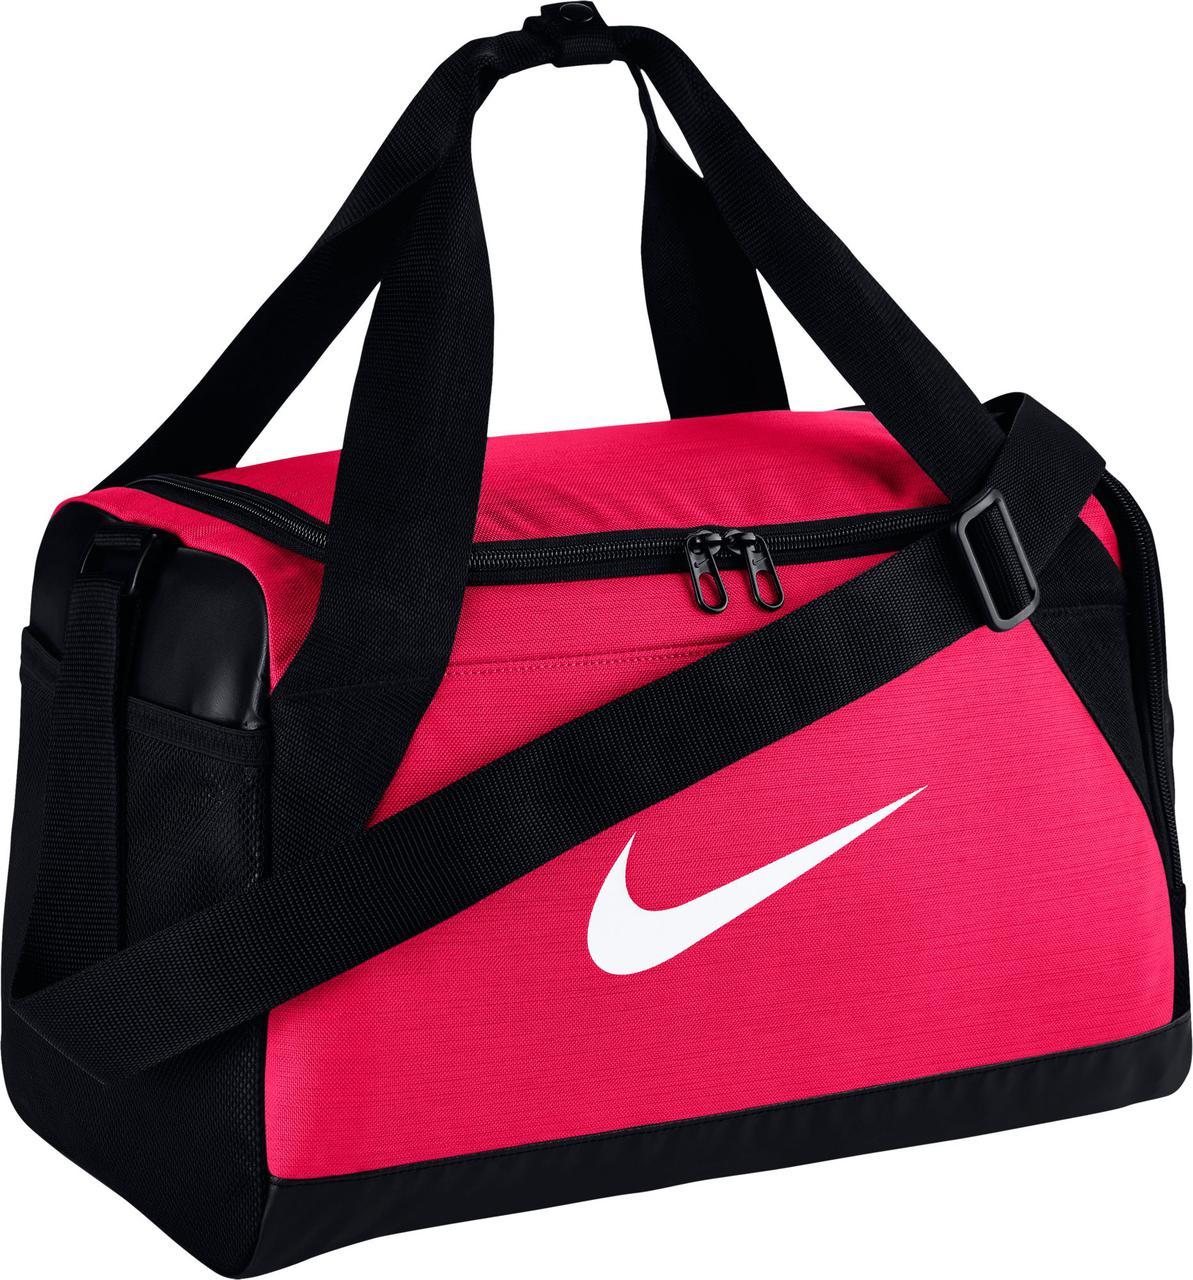 261122af Купить женские спортивные сумки NIKE BRASILIA S DUFFEL в Харькове по ...